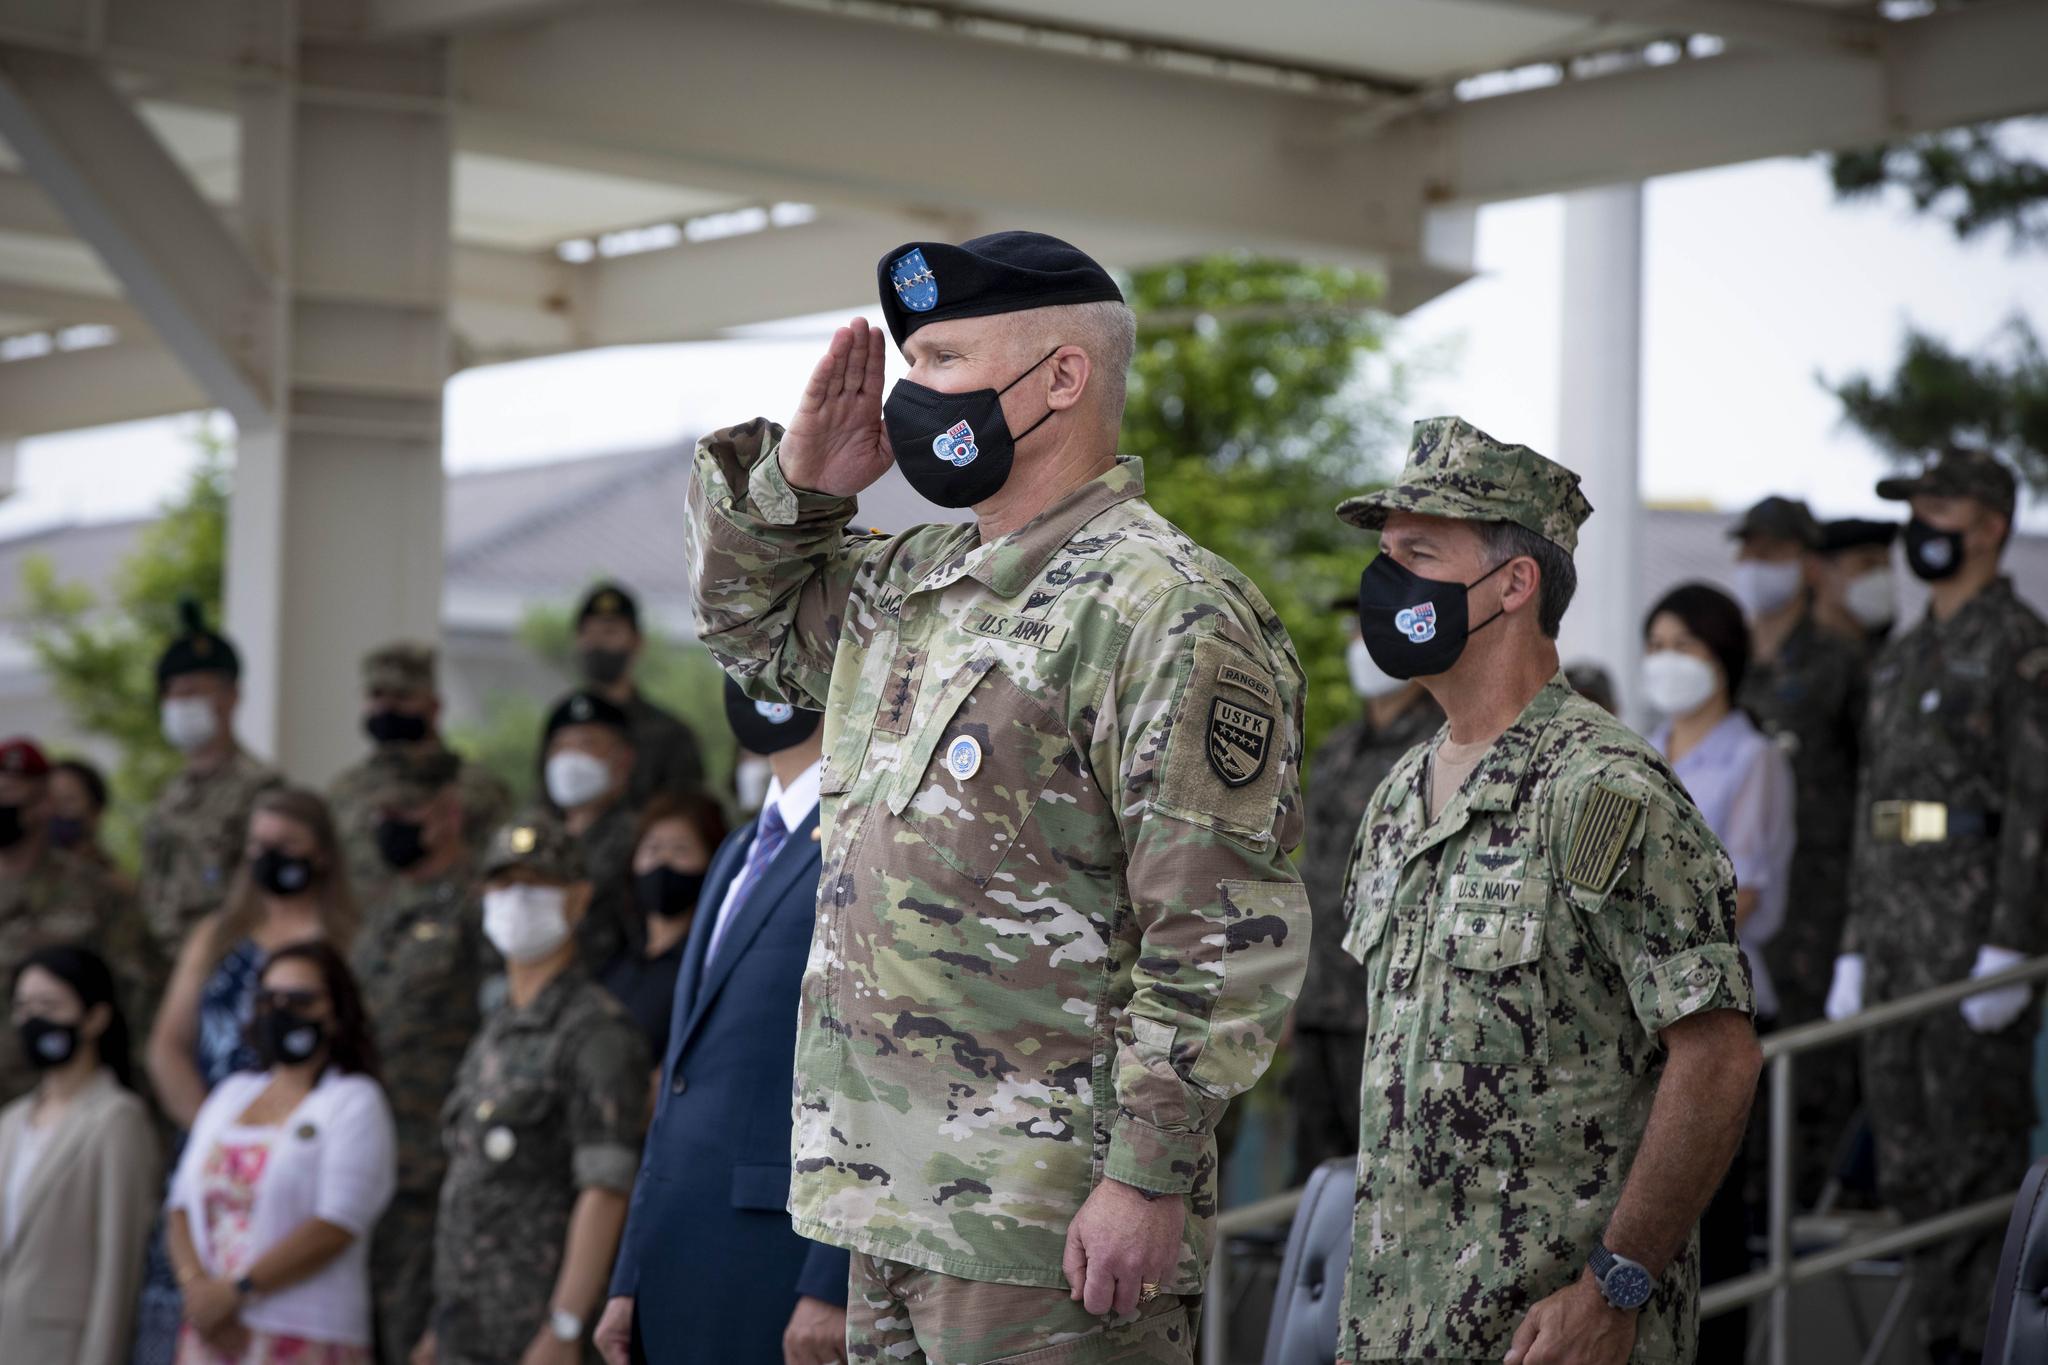 [이 시각] 한·미·일 군사협력 강조, 폴 라캐머러 한미연합사령관 겸 주한미군 사령관 취임